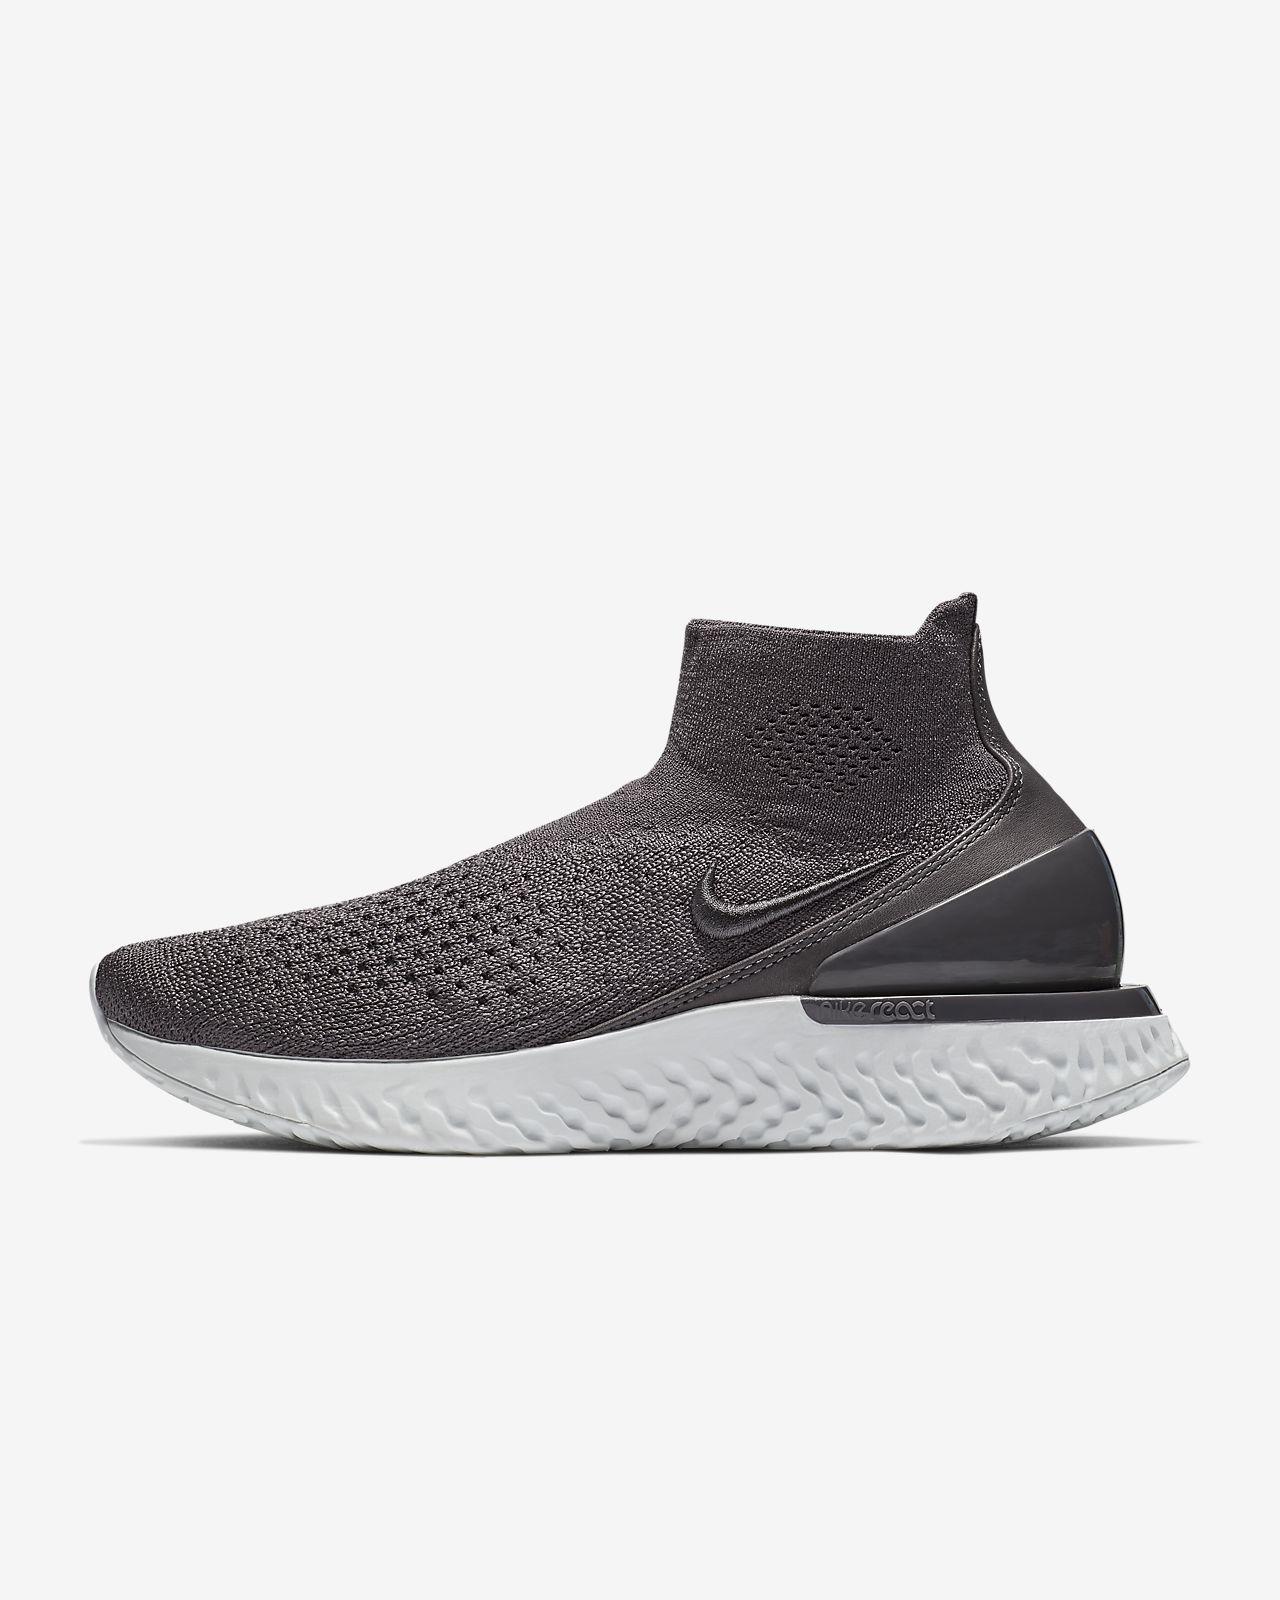 Löparsko Nike Rise React Flyknit för kvinnor